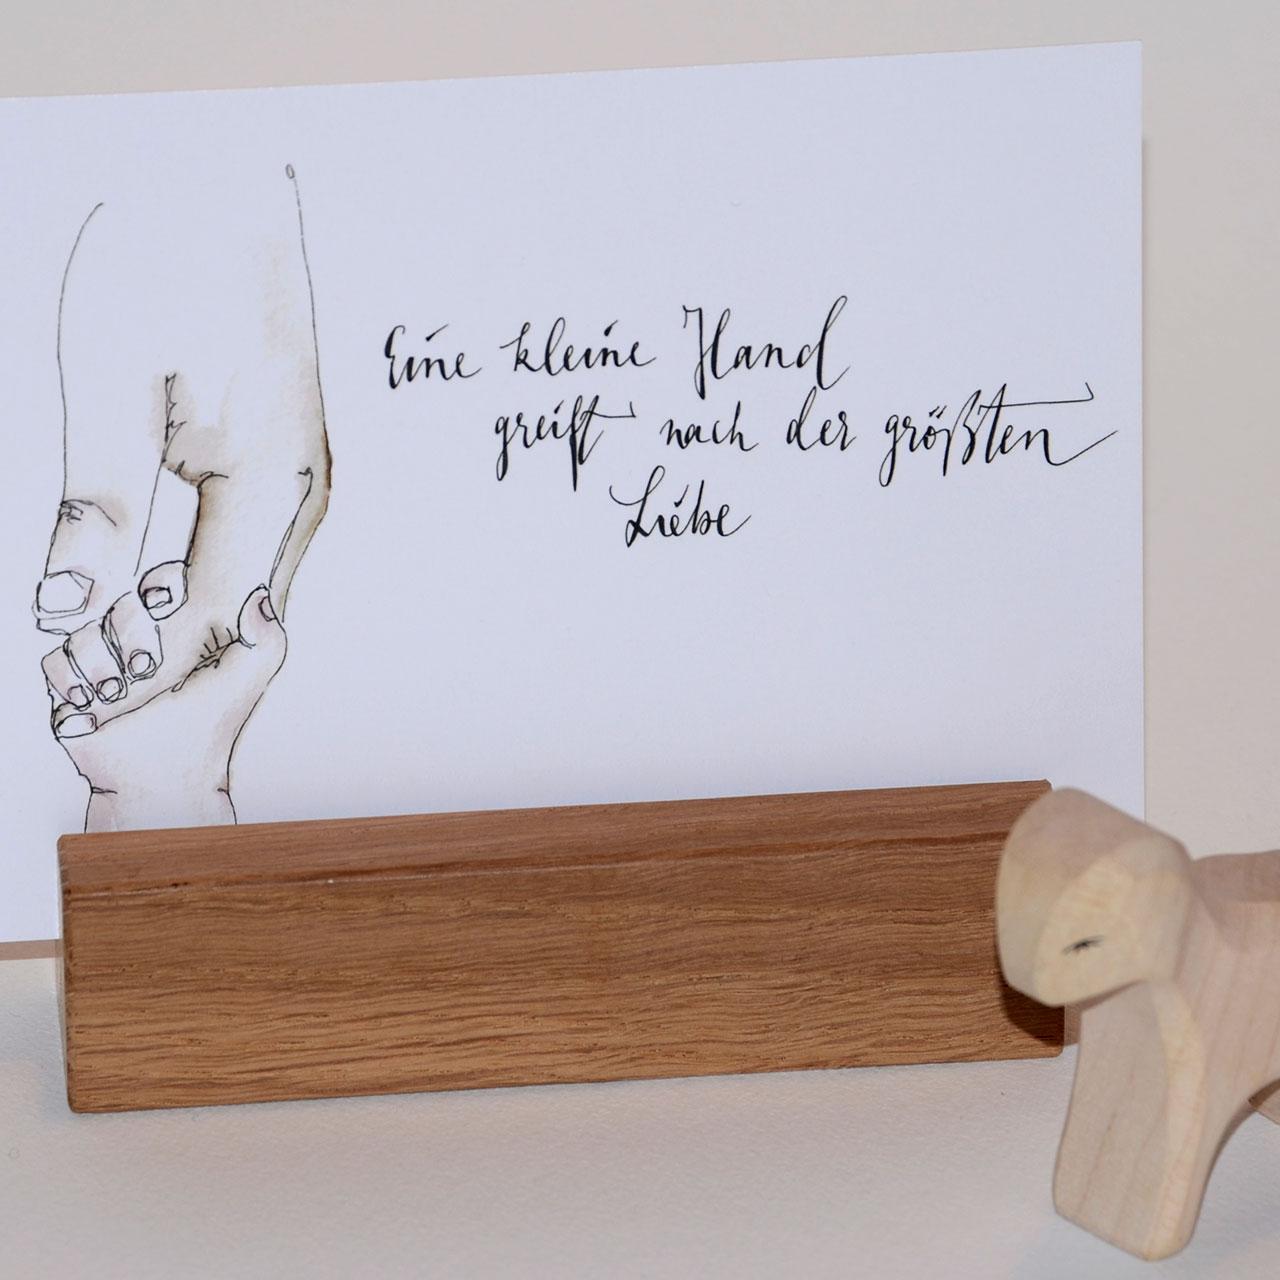 Postkarte zur Geburt - Eine kleine Hand